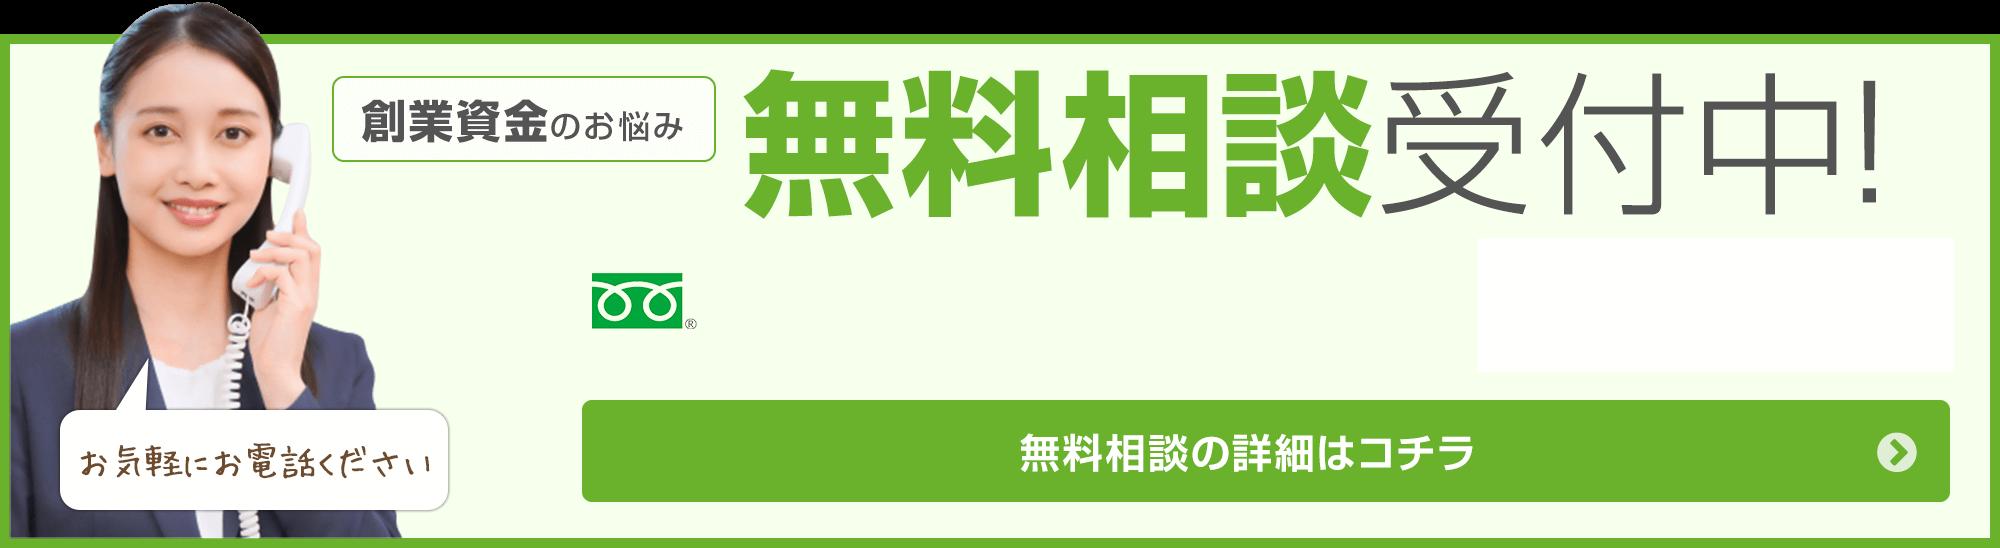 創業資金のお悩み 無料相談受付中!